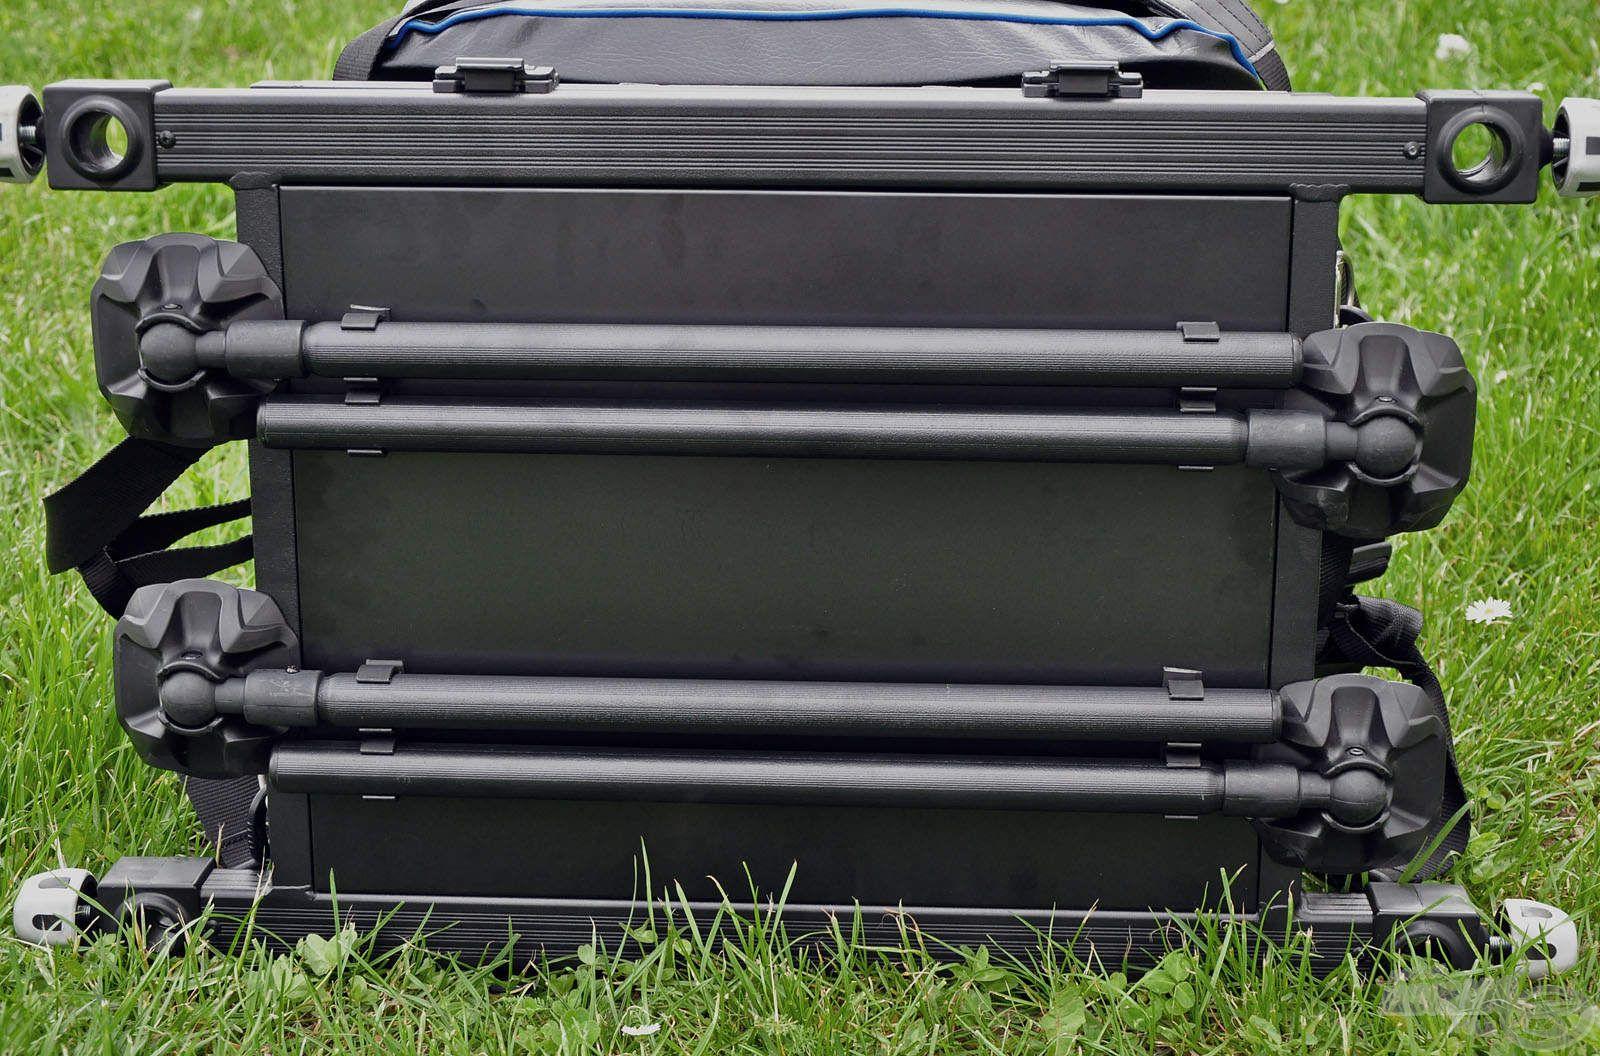 A horgászládát 4 db láb tartja, amik az egyszerű szállítás érdekében a box aljához rögzíthetők